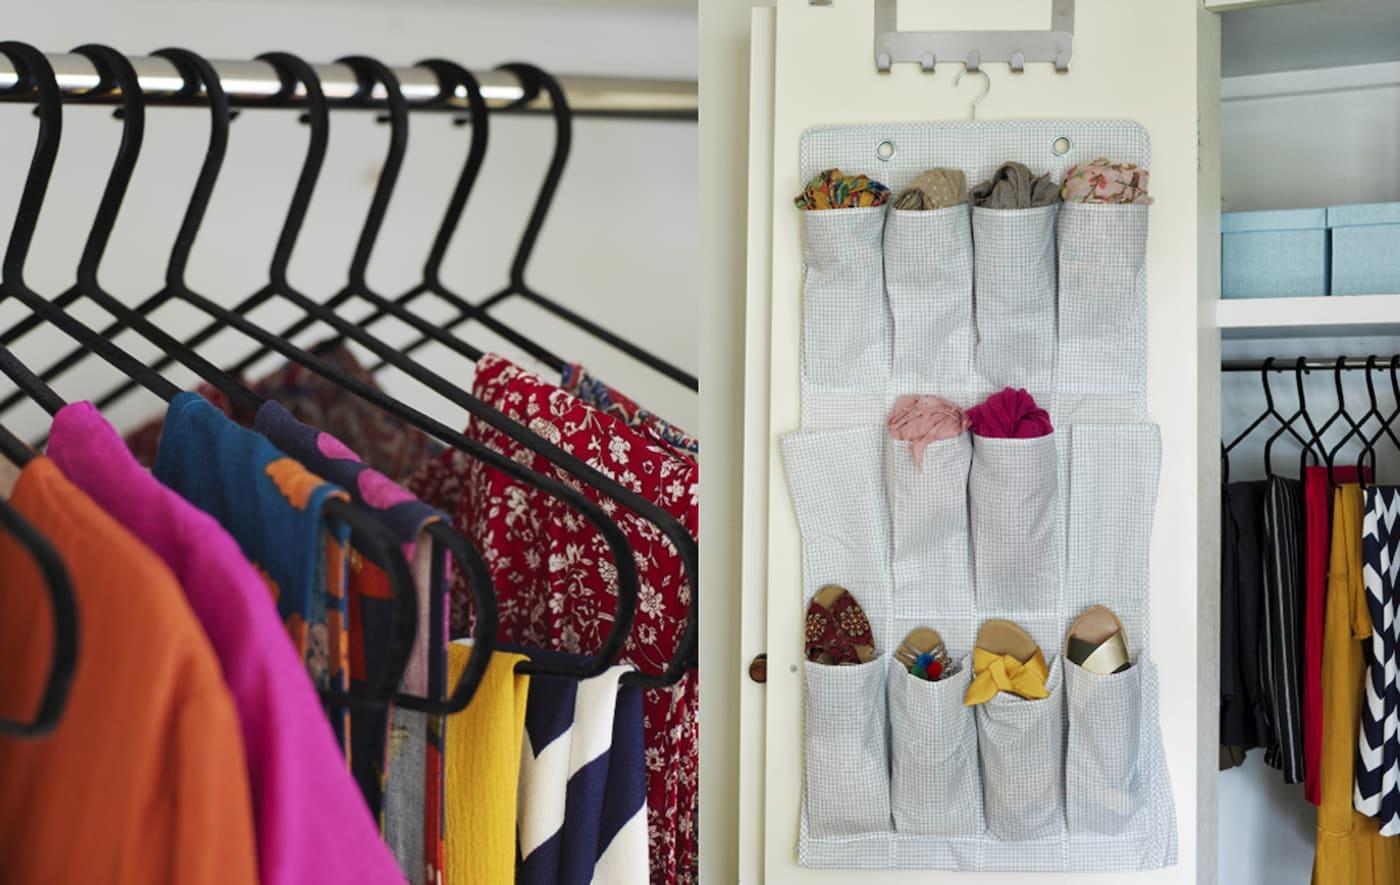 Umerașe negre din interiorul unui dulap cu haine colorate și accesorii depozitate într-un organizator suspendat de pantofi pe interiorul ușii unui dulap.